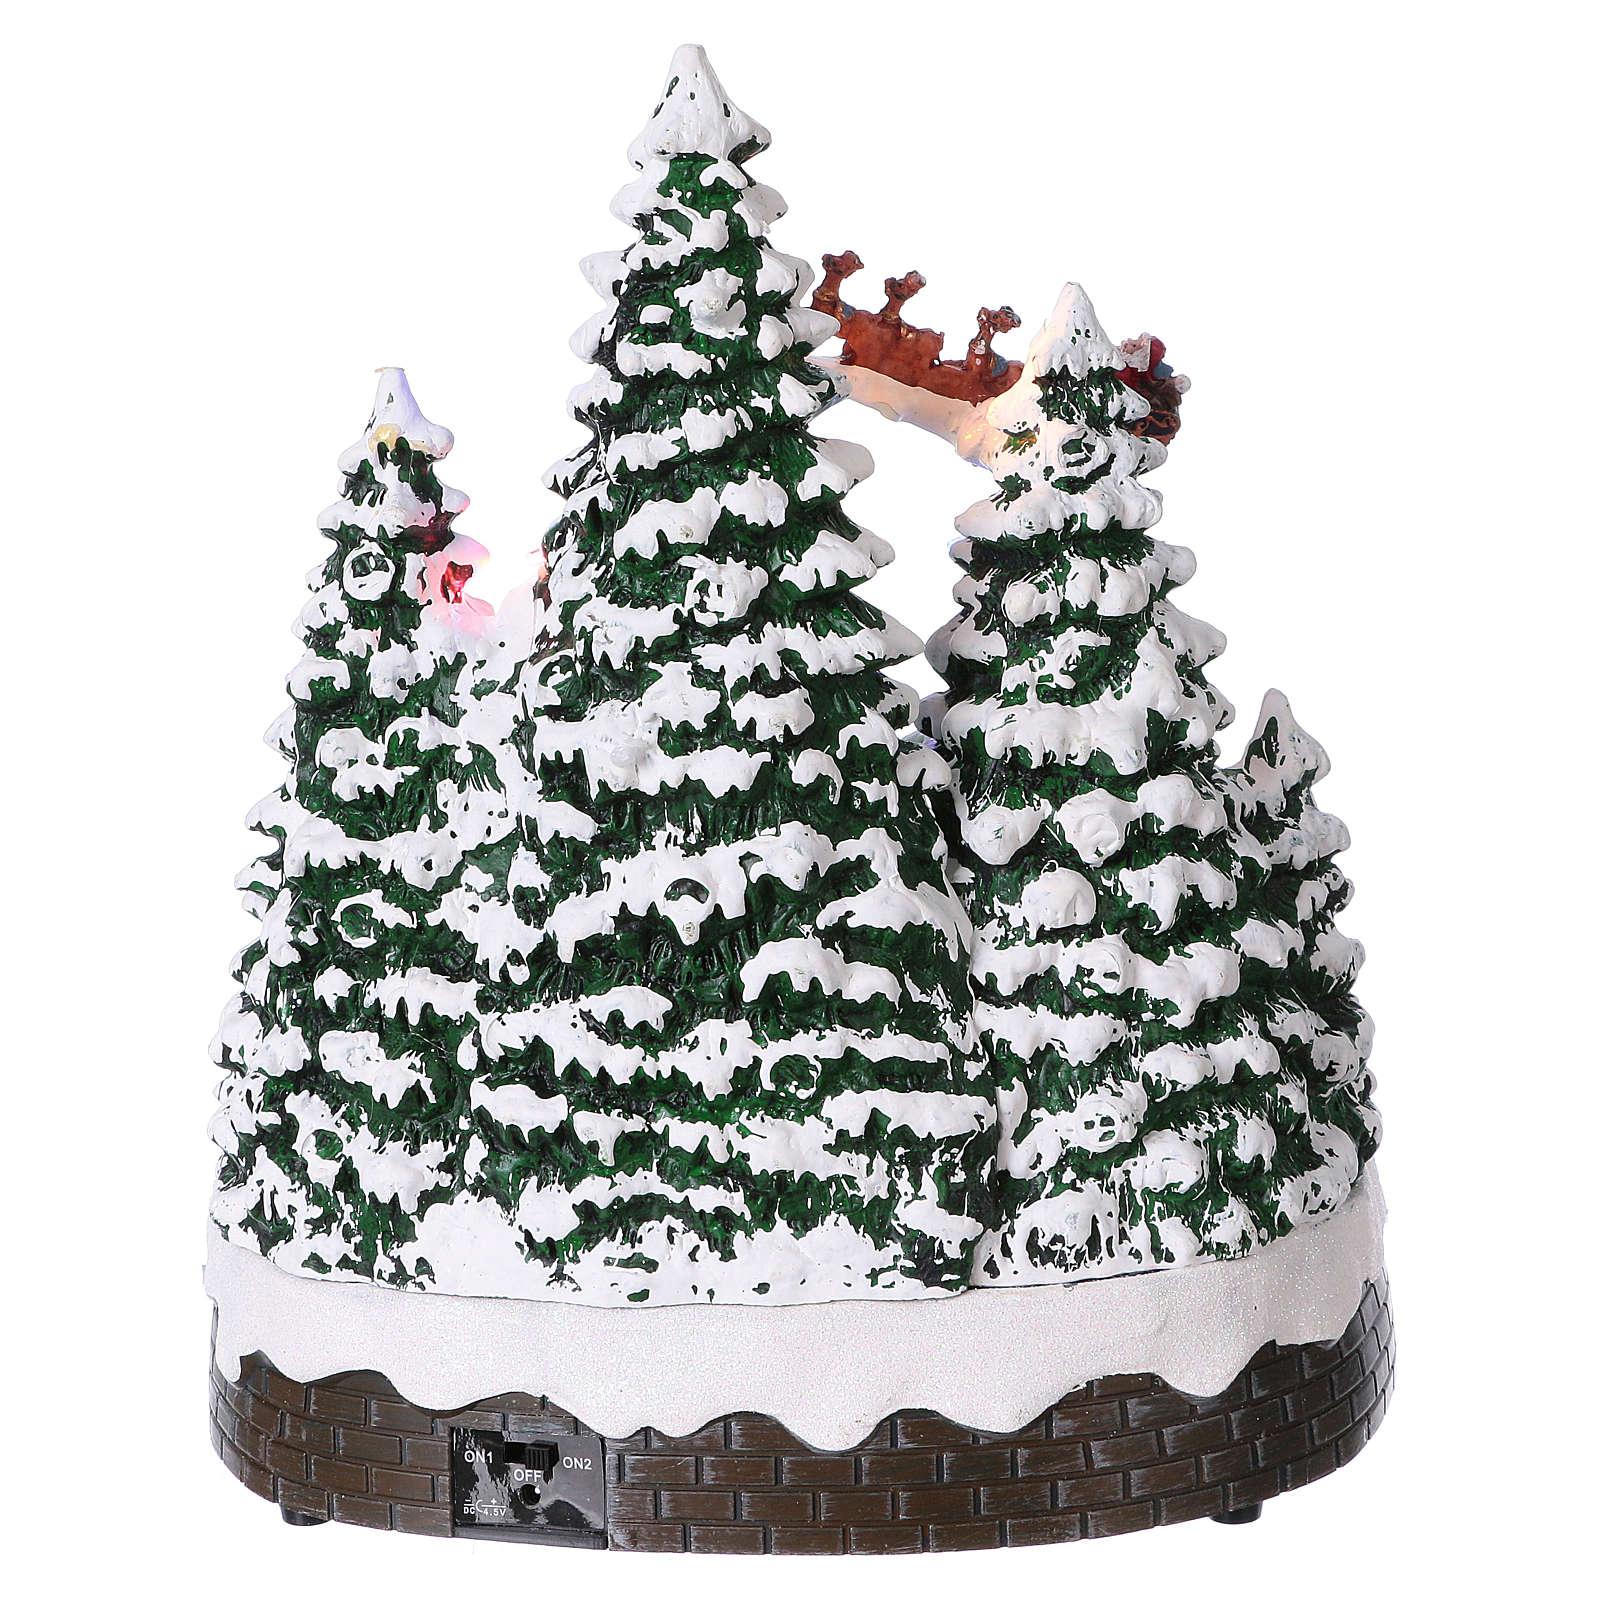 Paysage hivernal 30x25x25 cm enfants mouvement piles et courant 3